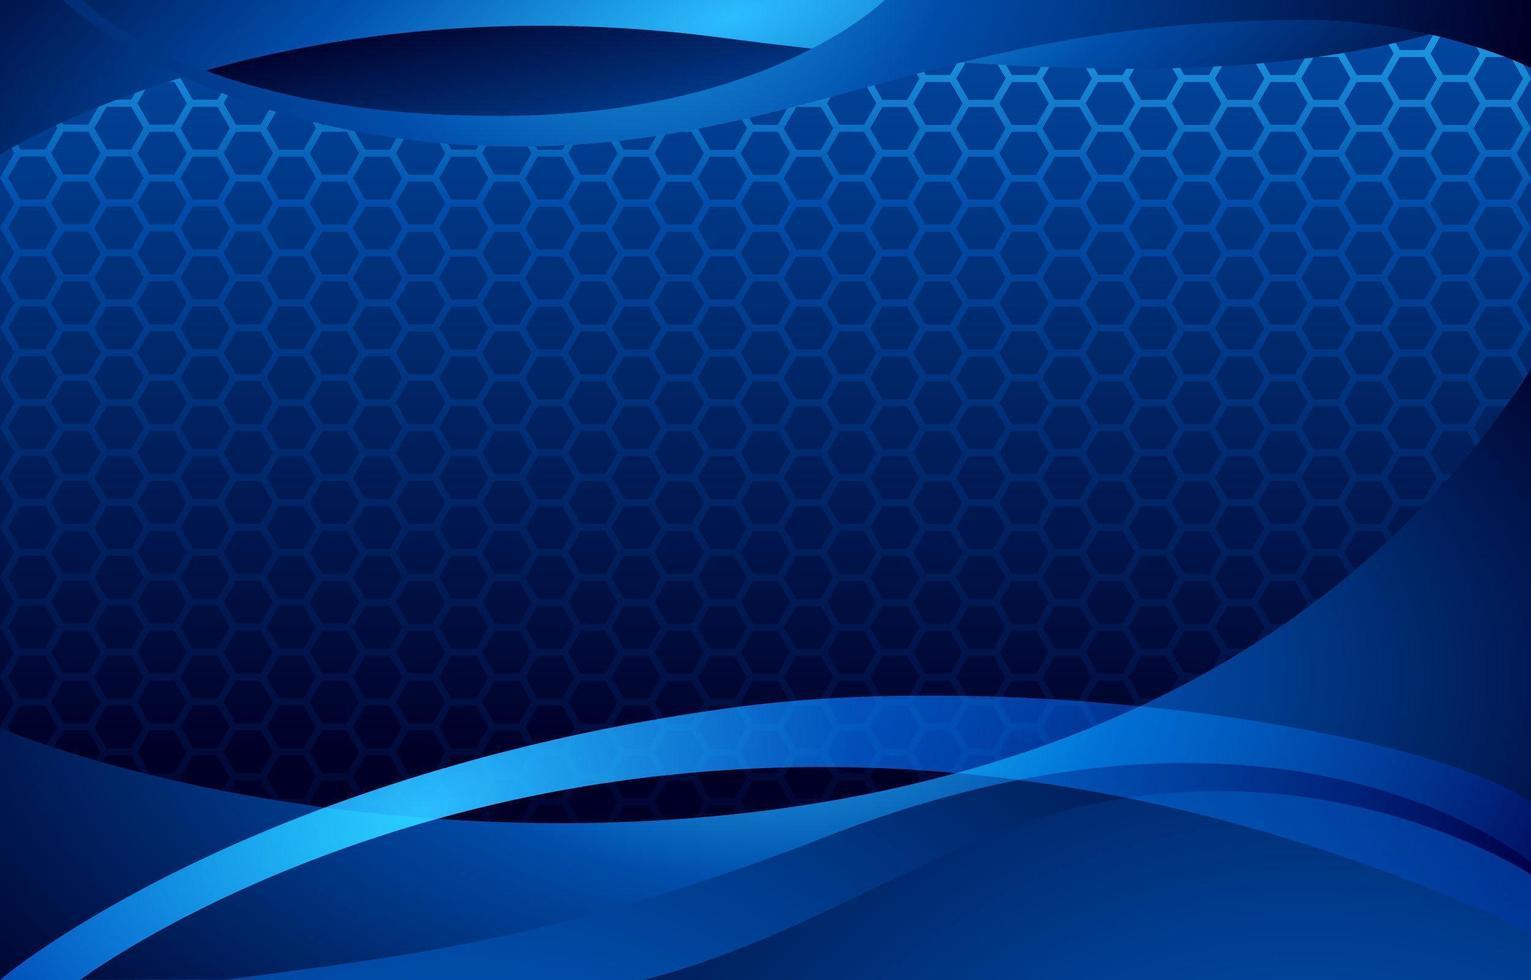 astratto sfondo blu con curve ondulate vettore